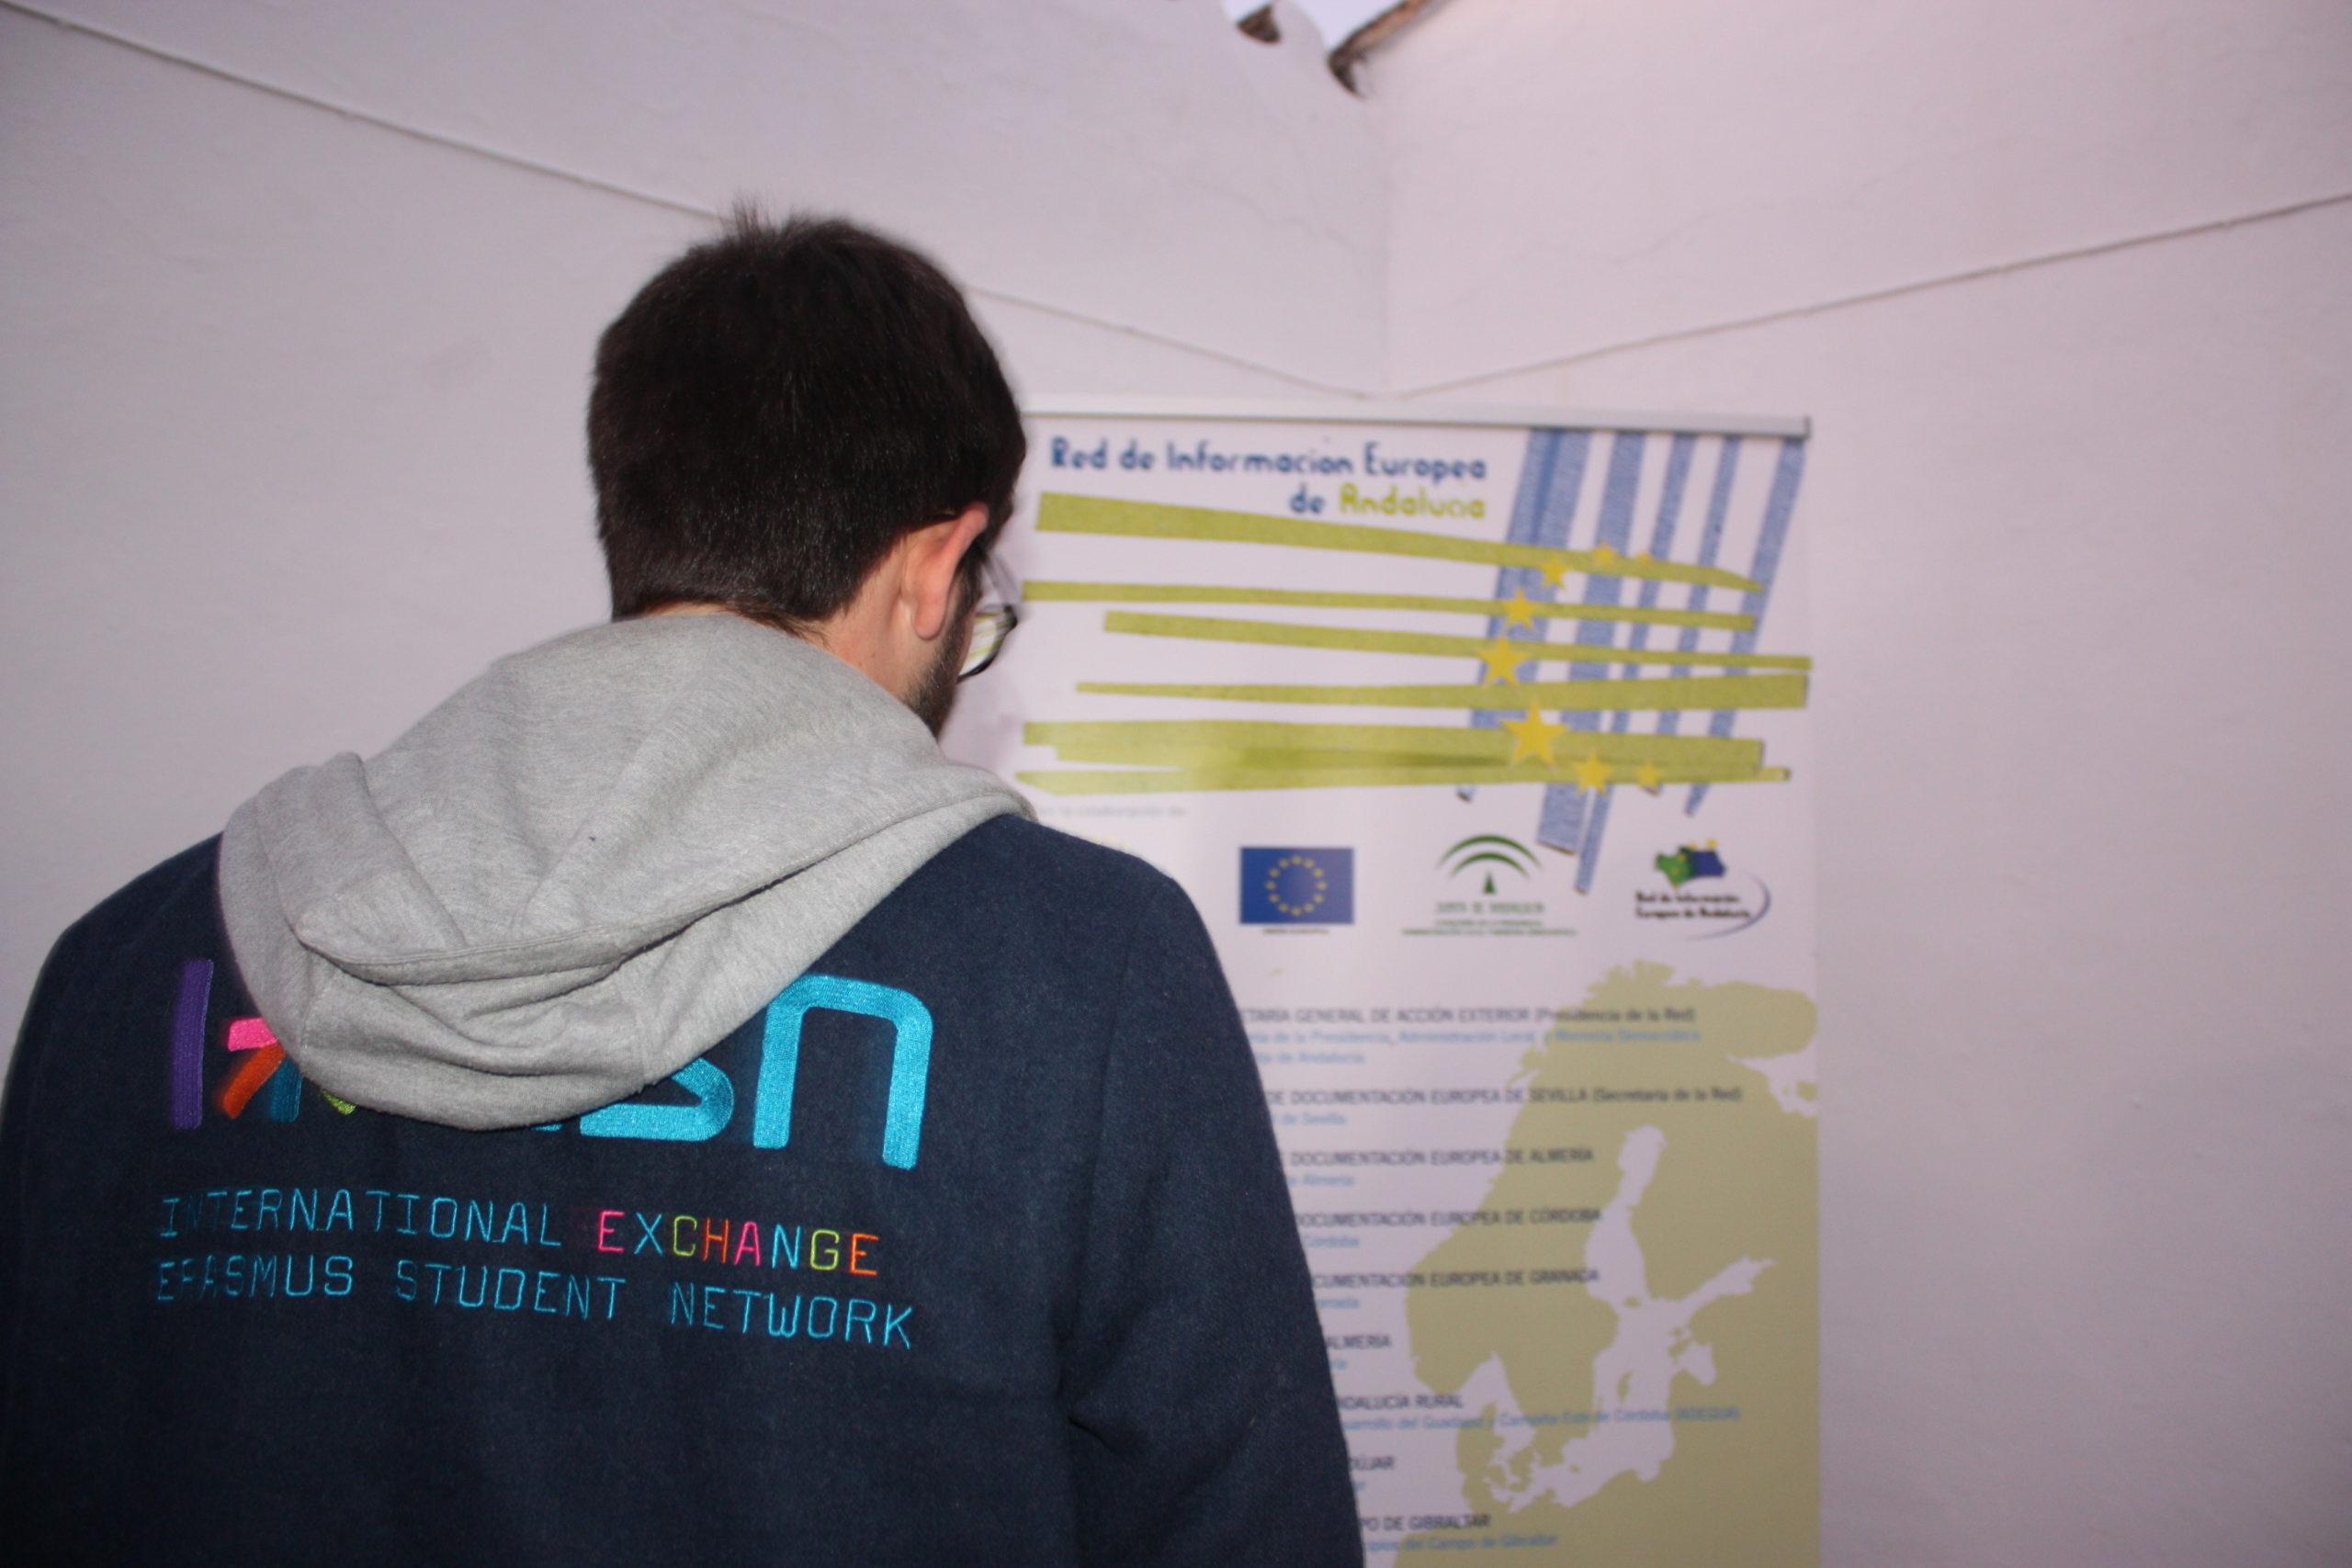 Erasmus Student Network. Córdoba diciembre 2018